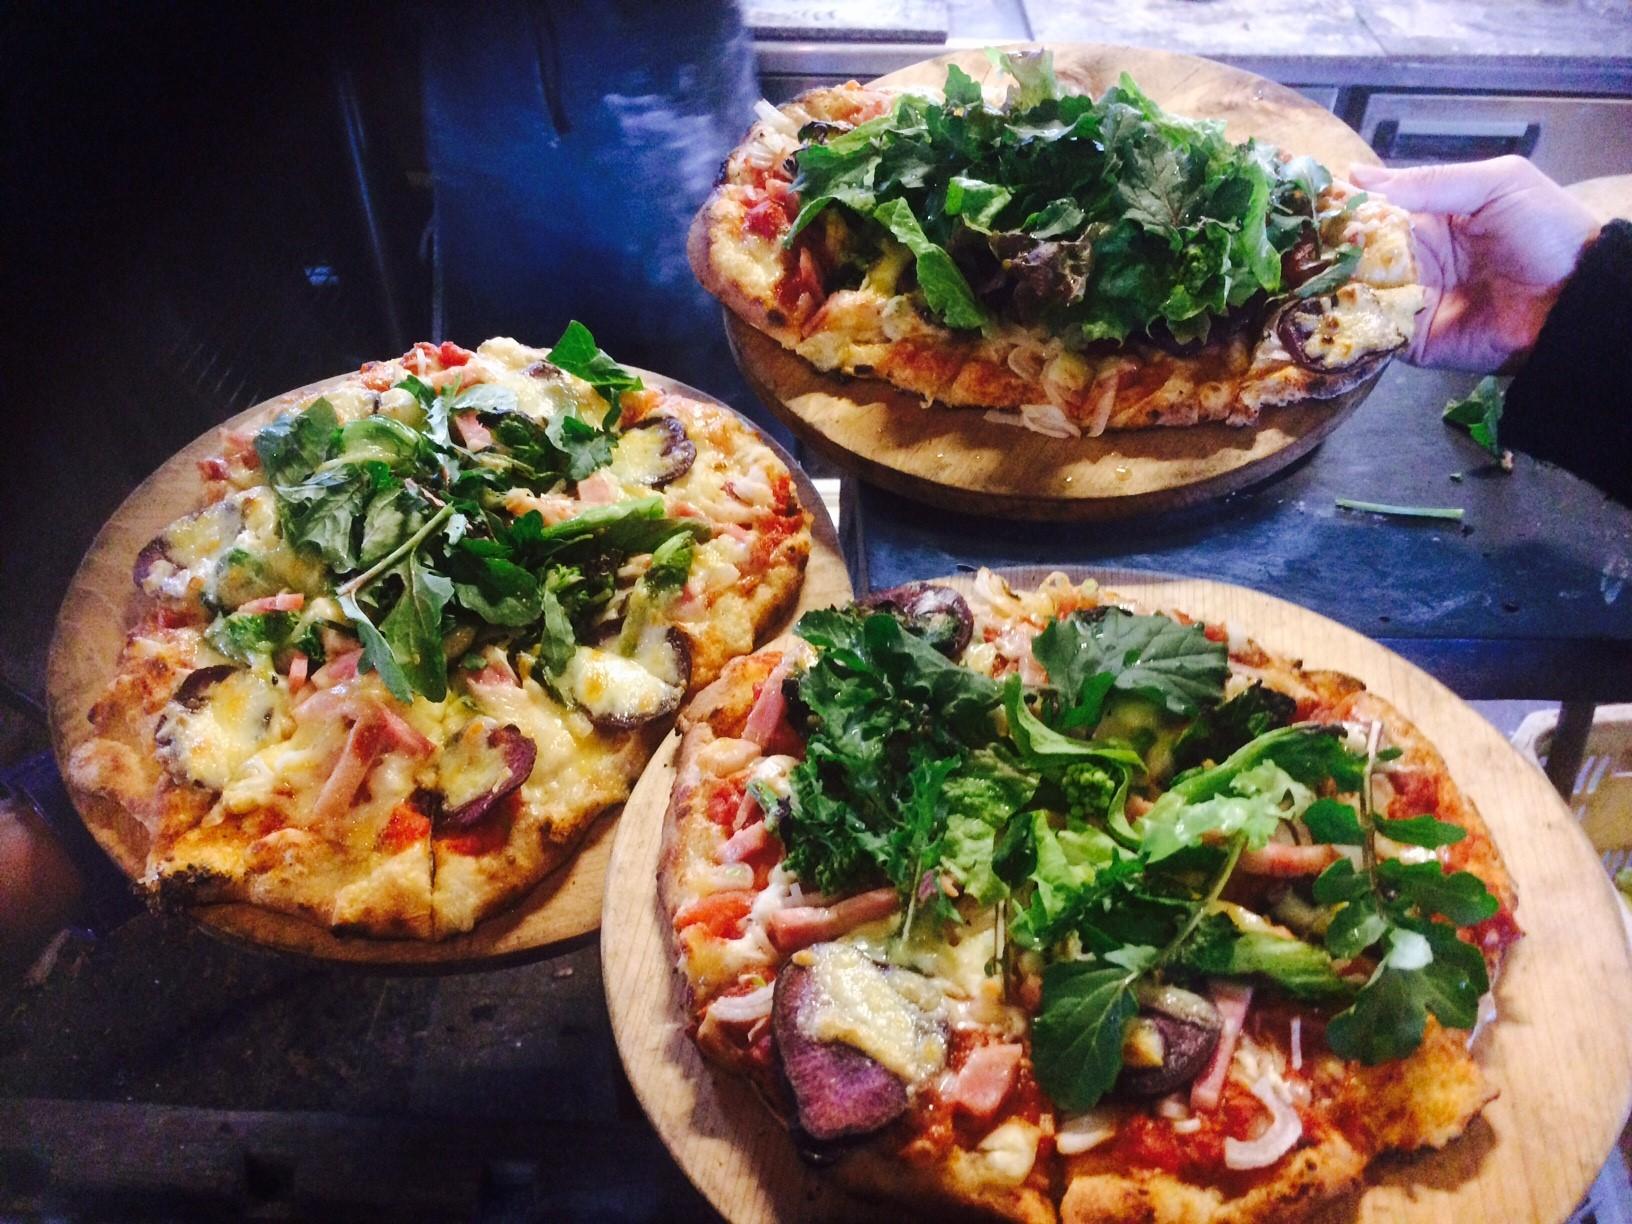 【自分で収穫、自由に盛り付け】!★ピザ作り体験★~オーガニック野菜で作る石窯ピザ...